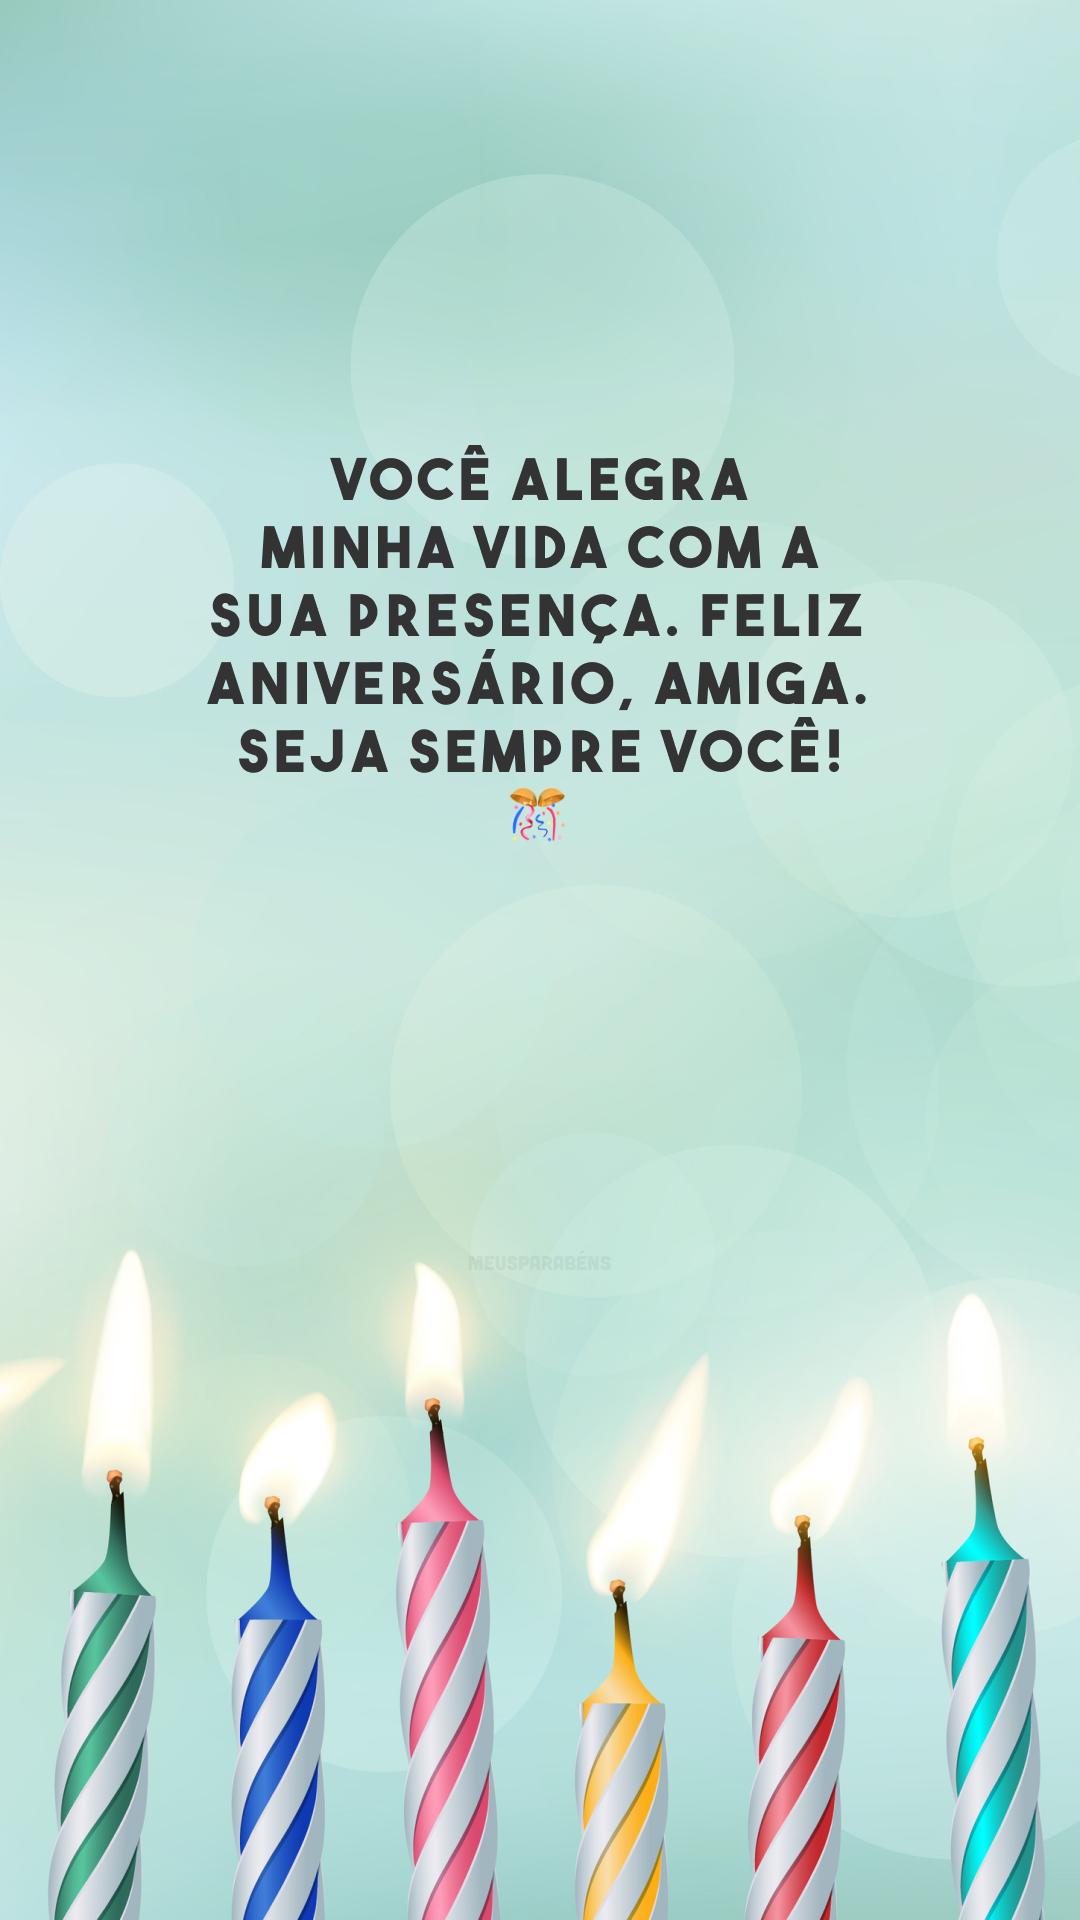 Você alegra minha vida com a sua presença. Feliz aniversário, amiga. Seja sempre você! 🎊